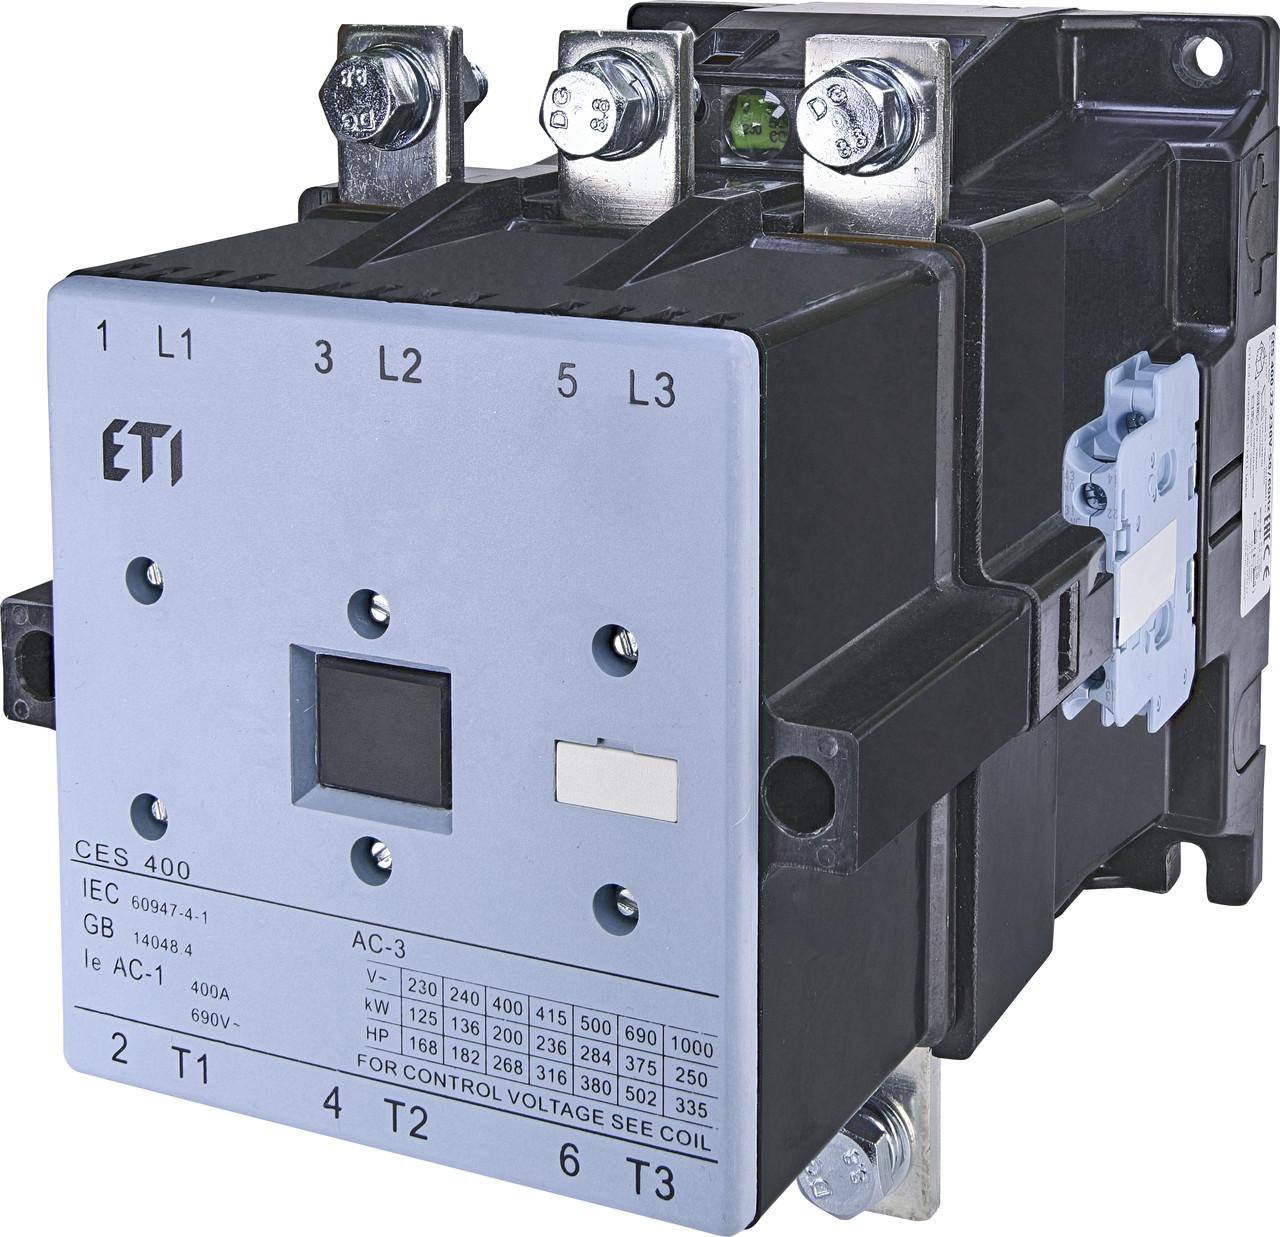 Контактор силовой ETI CES 400.22 400А 230V AC 3NO+2NO+2NC 200kW 4646573 (на DIN-рейку, 500A AC1, 400A AC3)